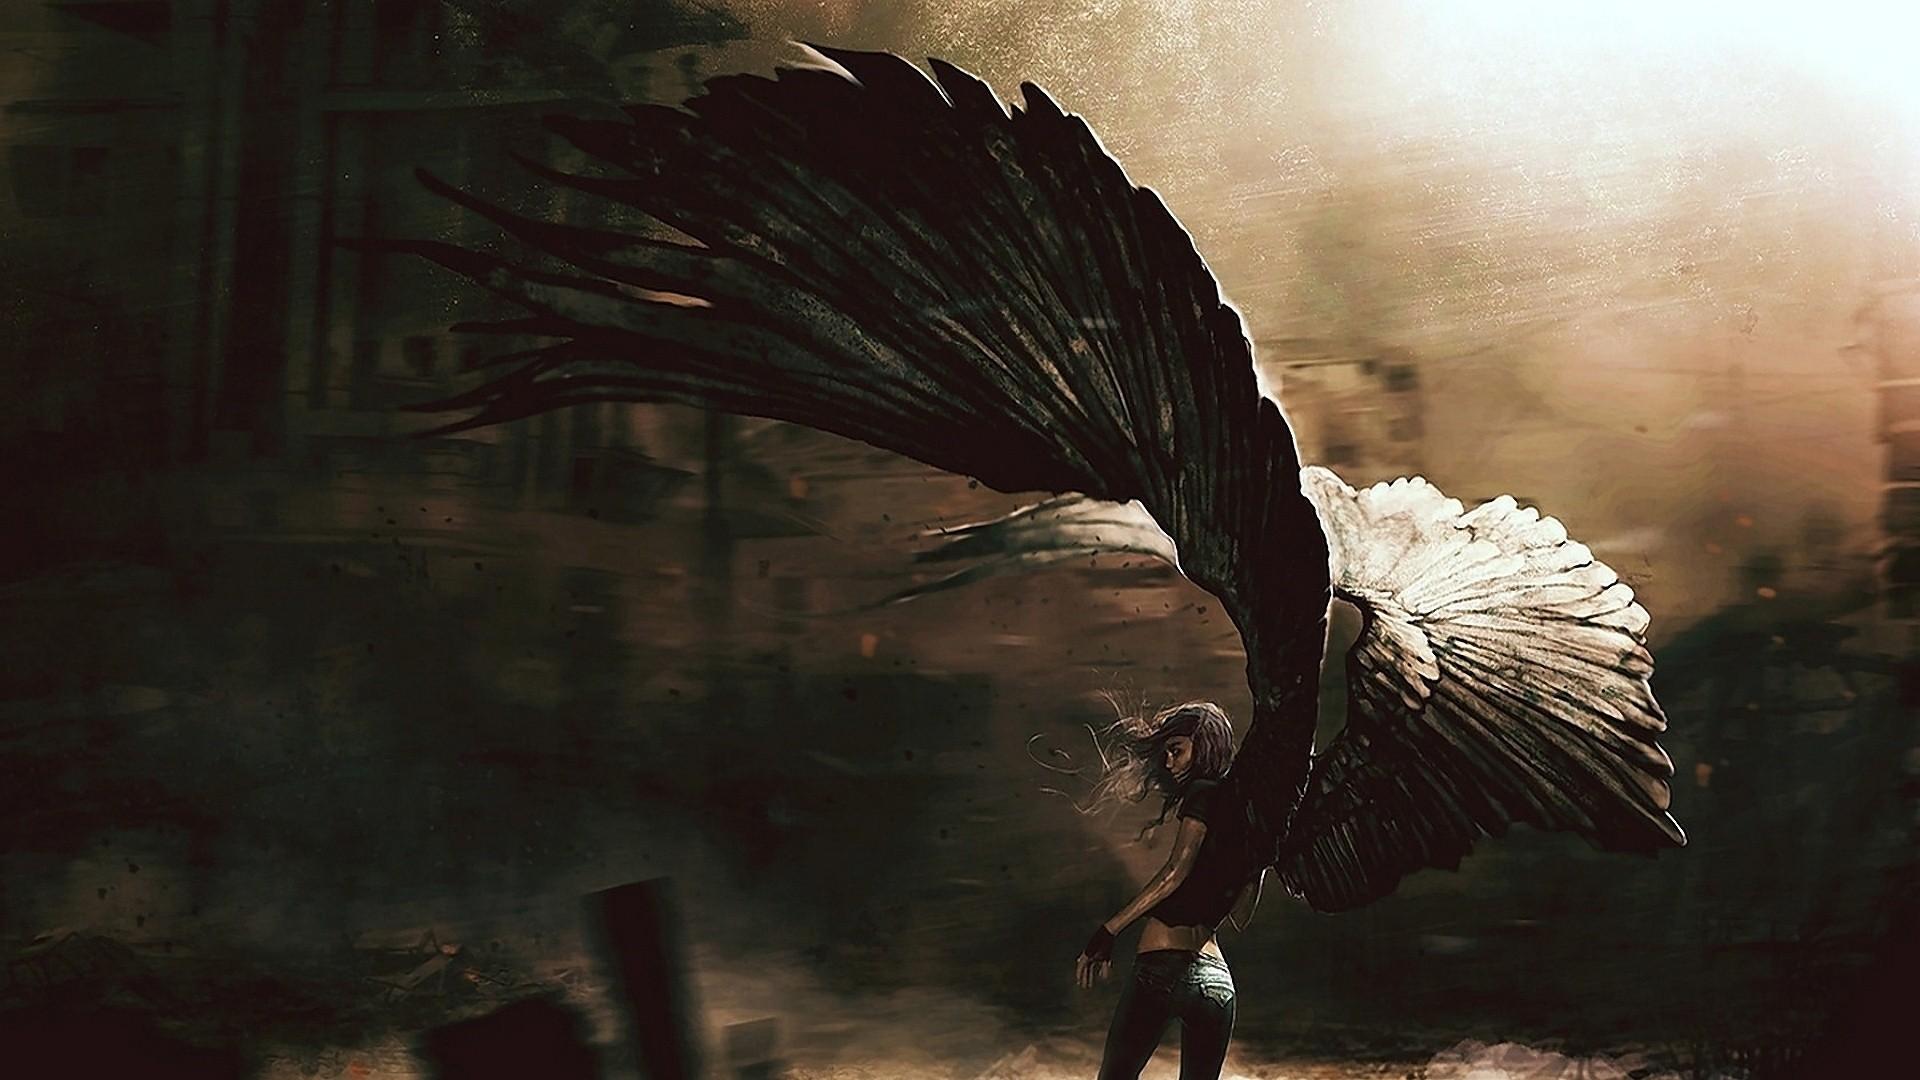 Anime-Fallen-Angel-HD-Wallpaper.jpg (1920×1080)   angels   Pinterest   Angel  wallpaper, Anime angel and 3d wallpaper